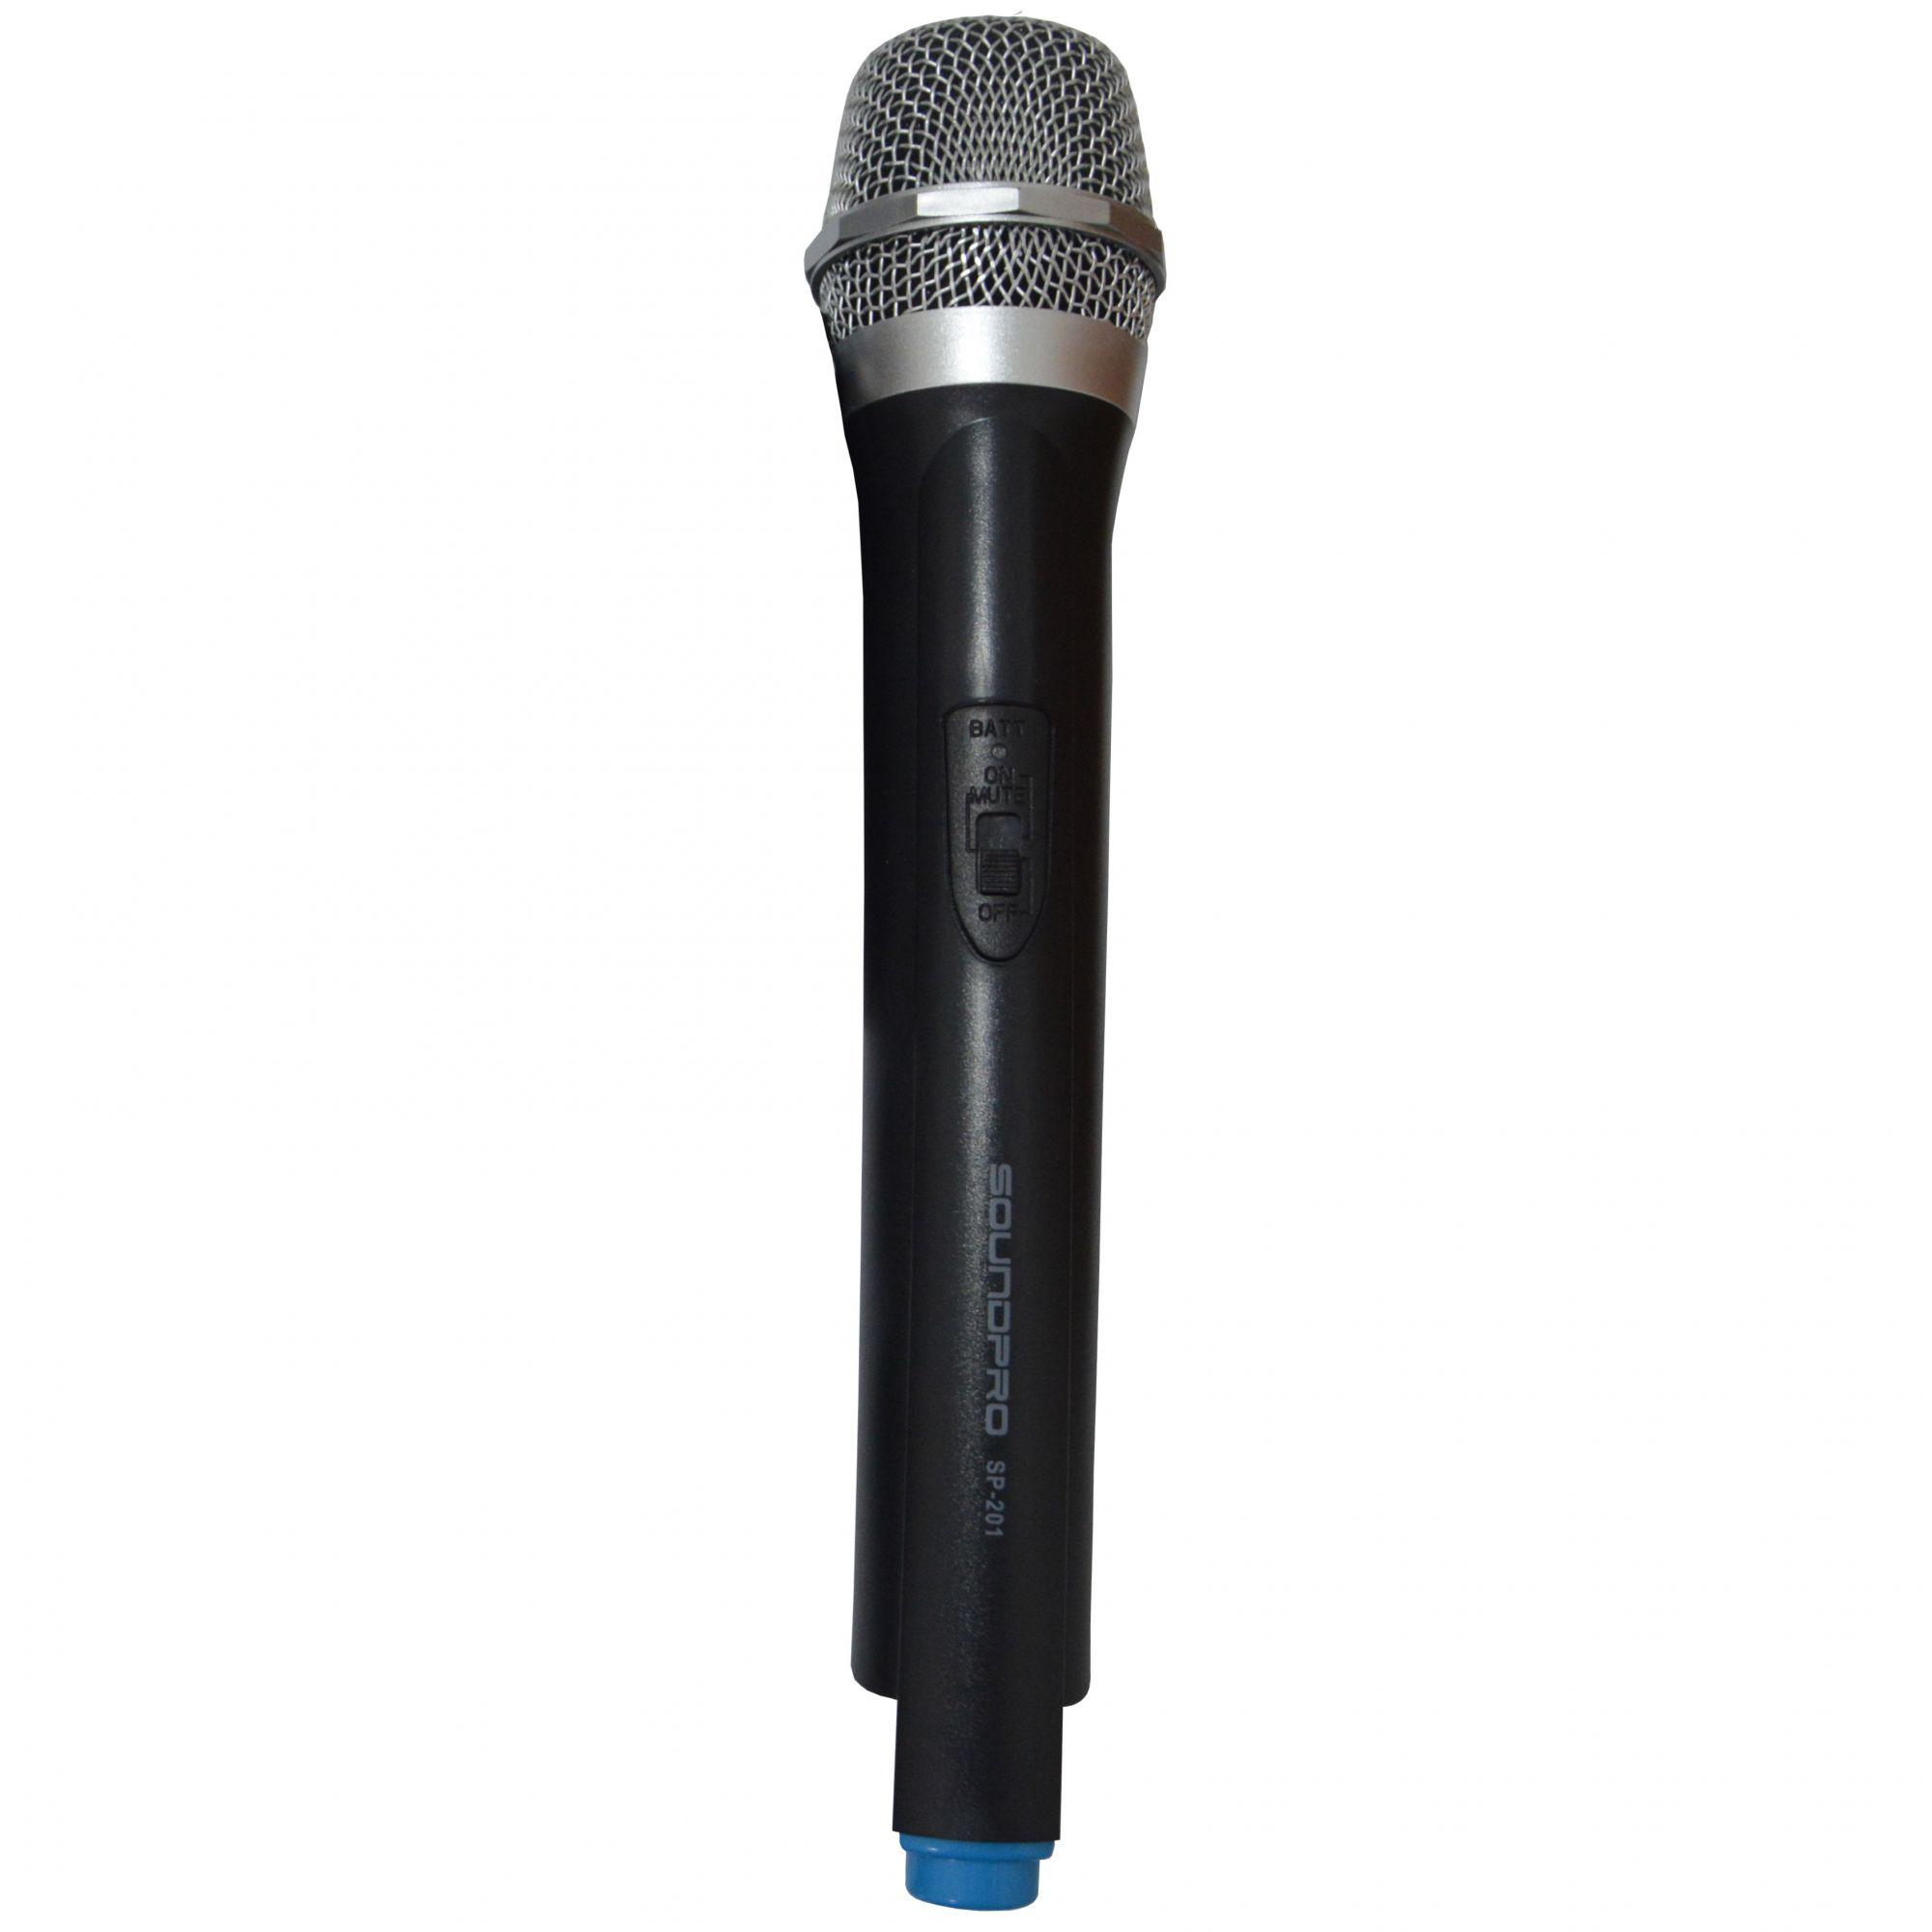 Microfone Profissional sem fio Soundpro SP201 VHF